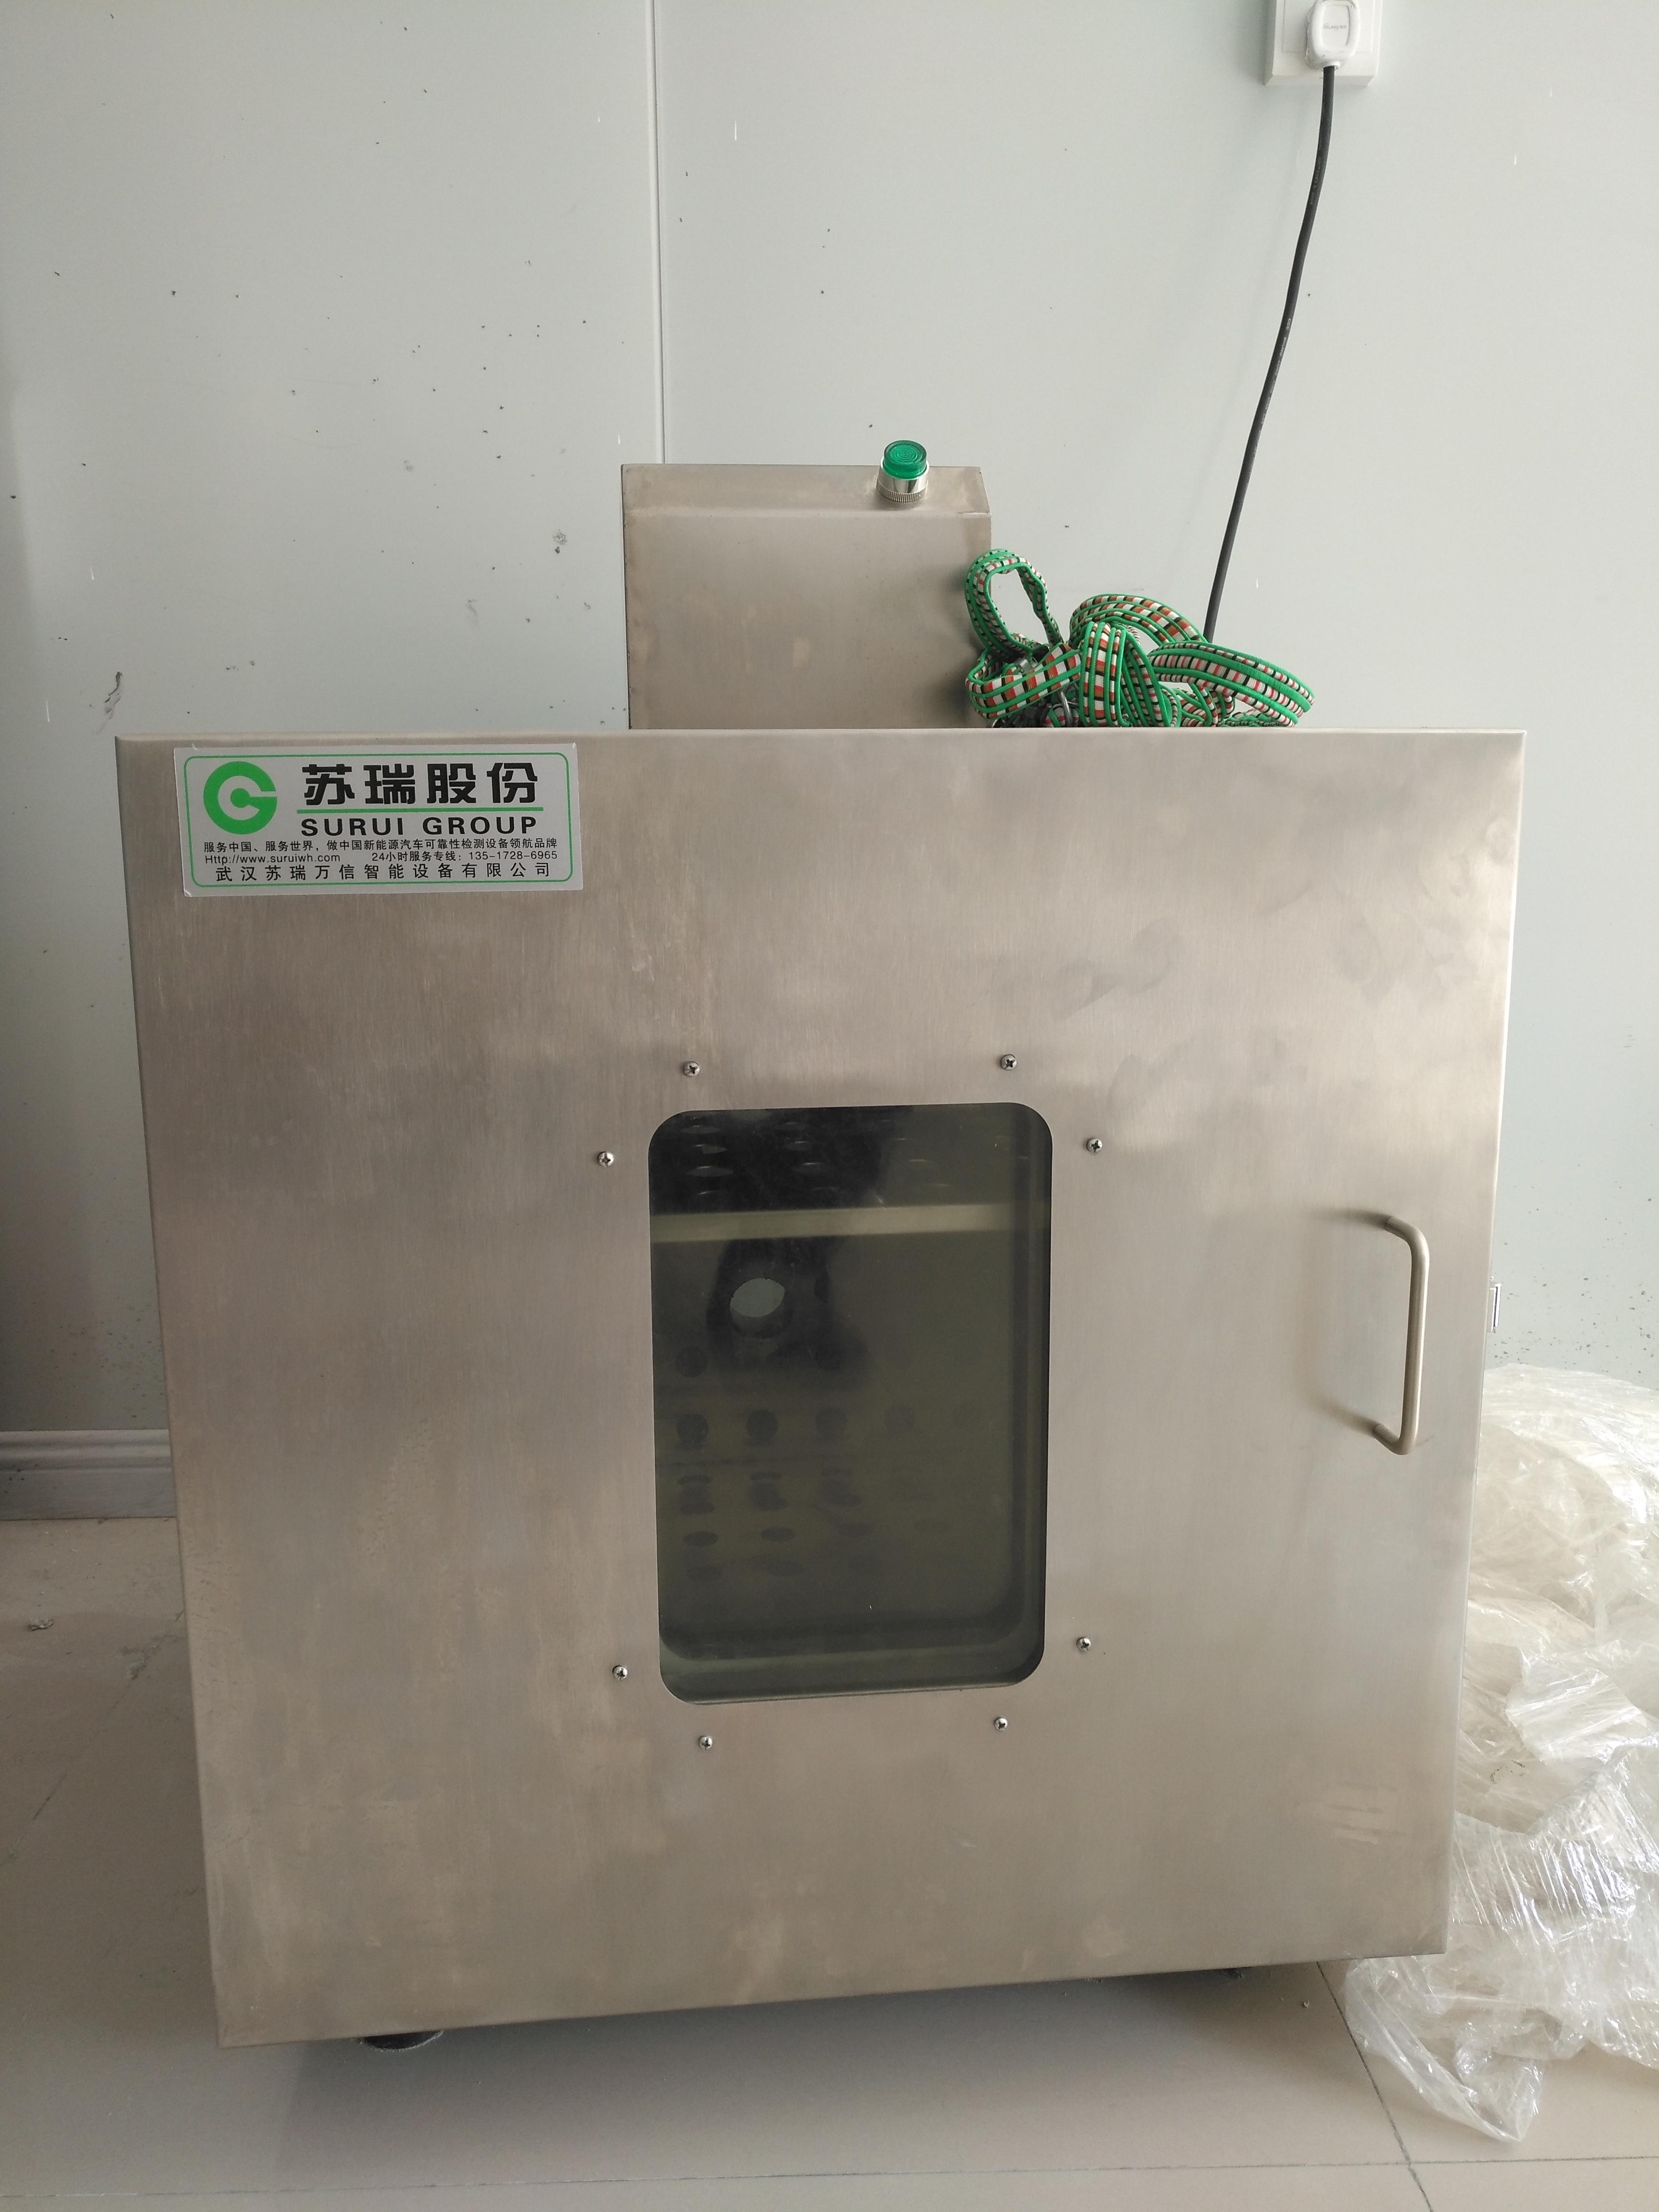 河北集尘器厂家价格,河北集尘器过滤短路机报价,河北集尘器过滤短路机优质供应商